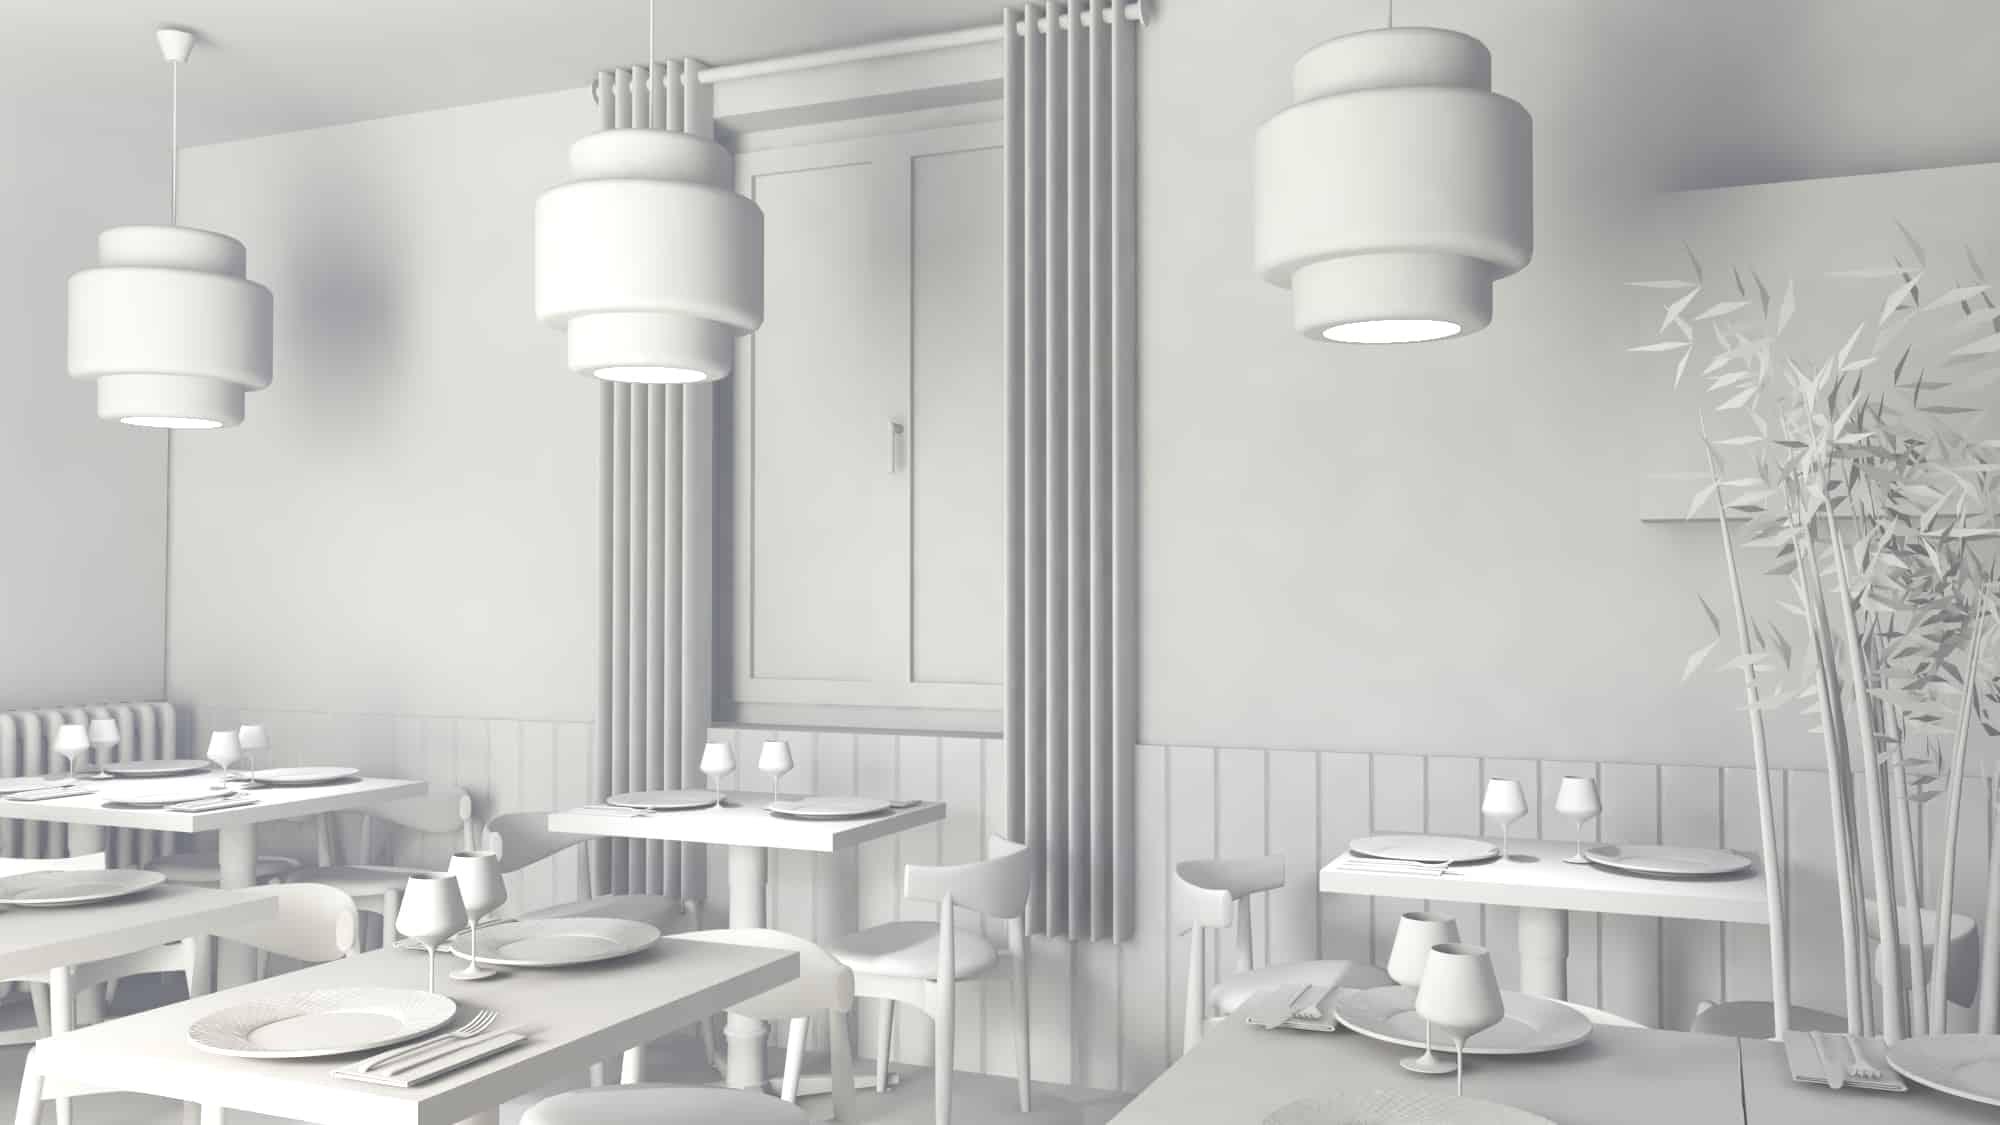 architecture et Décoration intérieure, aménagement d'espace professionnel, design d'espace, modélisation 3D